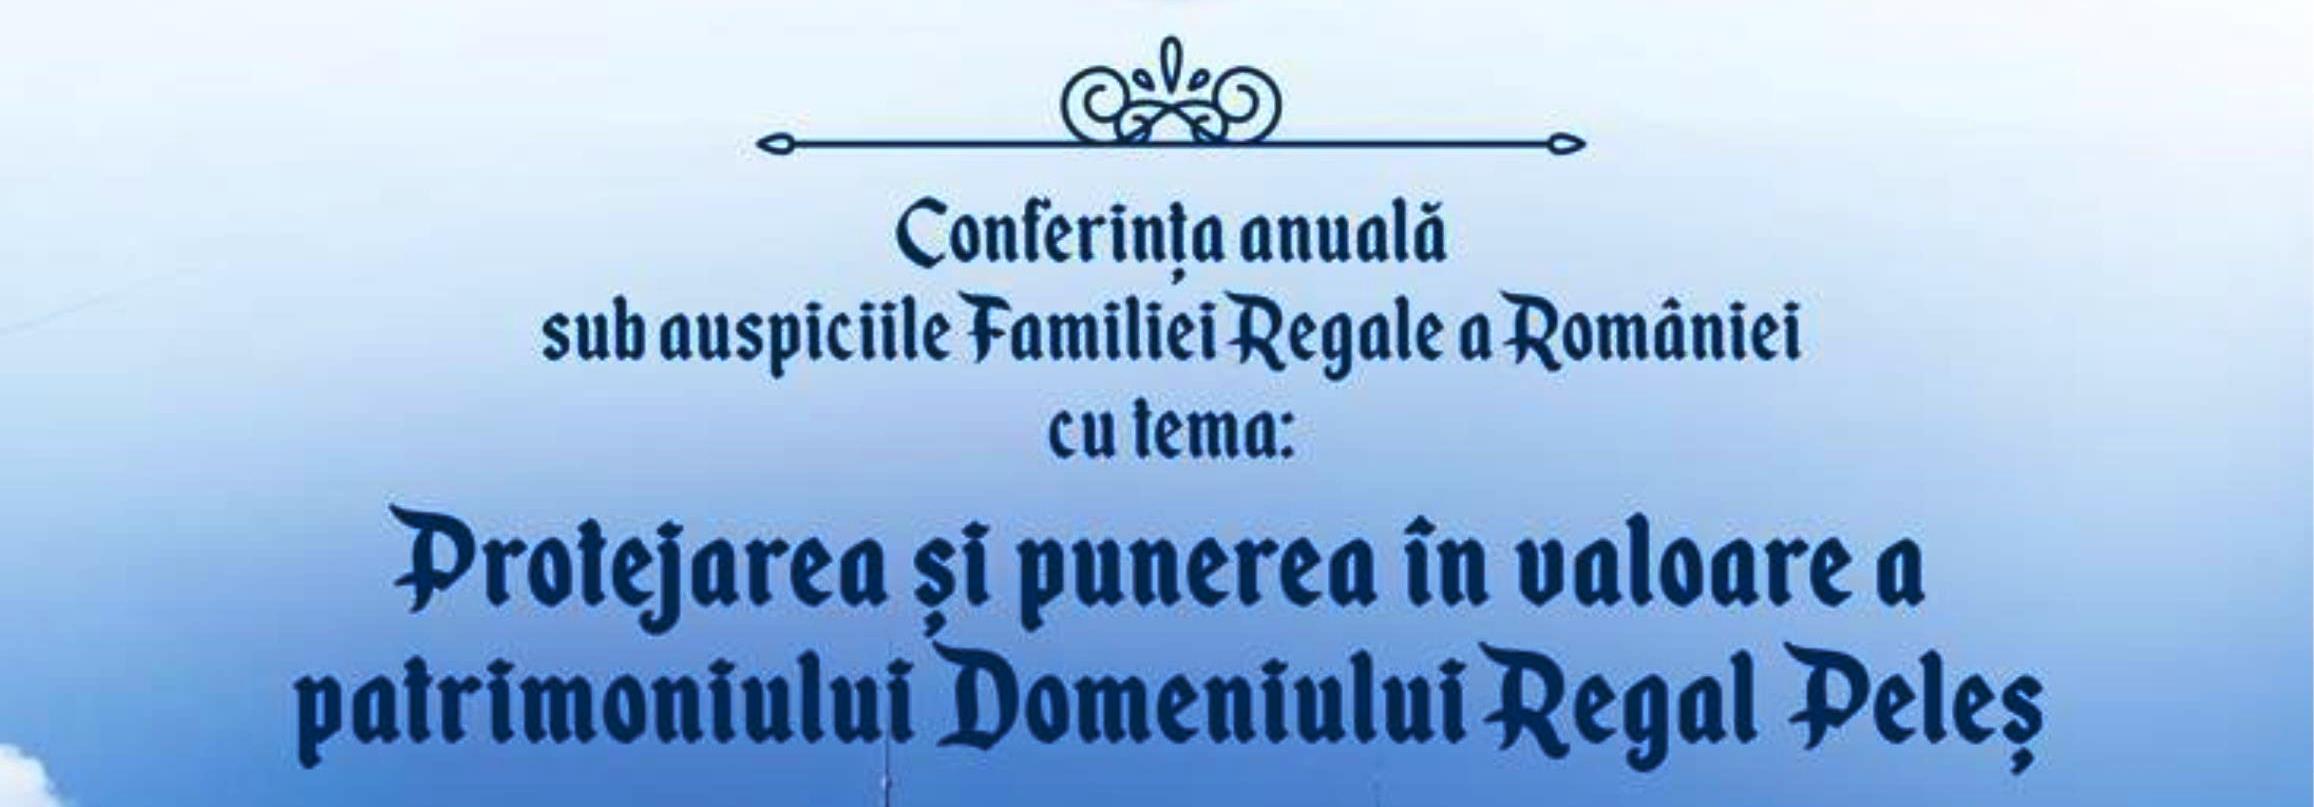 """""""Protejarea și punerea în valoare a patrimoniului Domeniului Regal Peleș"""" – Conferința APRP sub auspiciile Familiei Regale a României"""